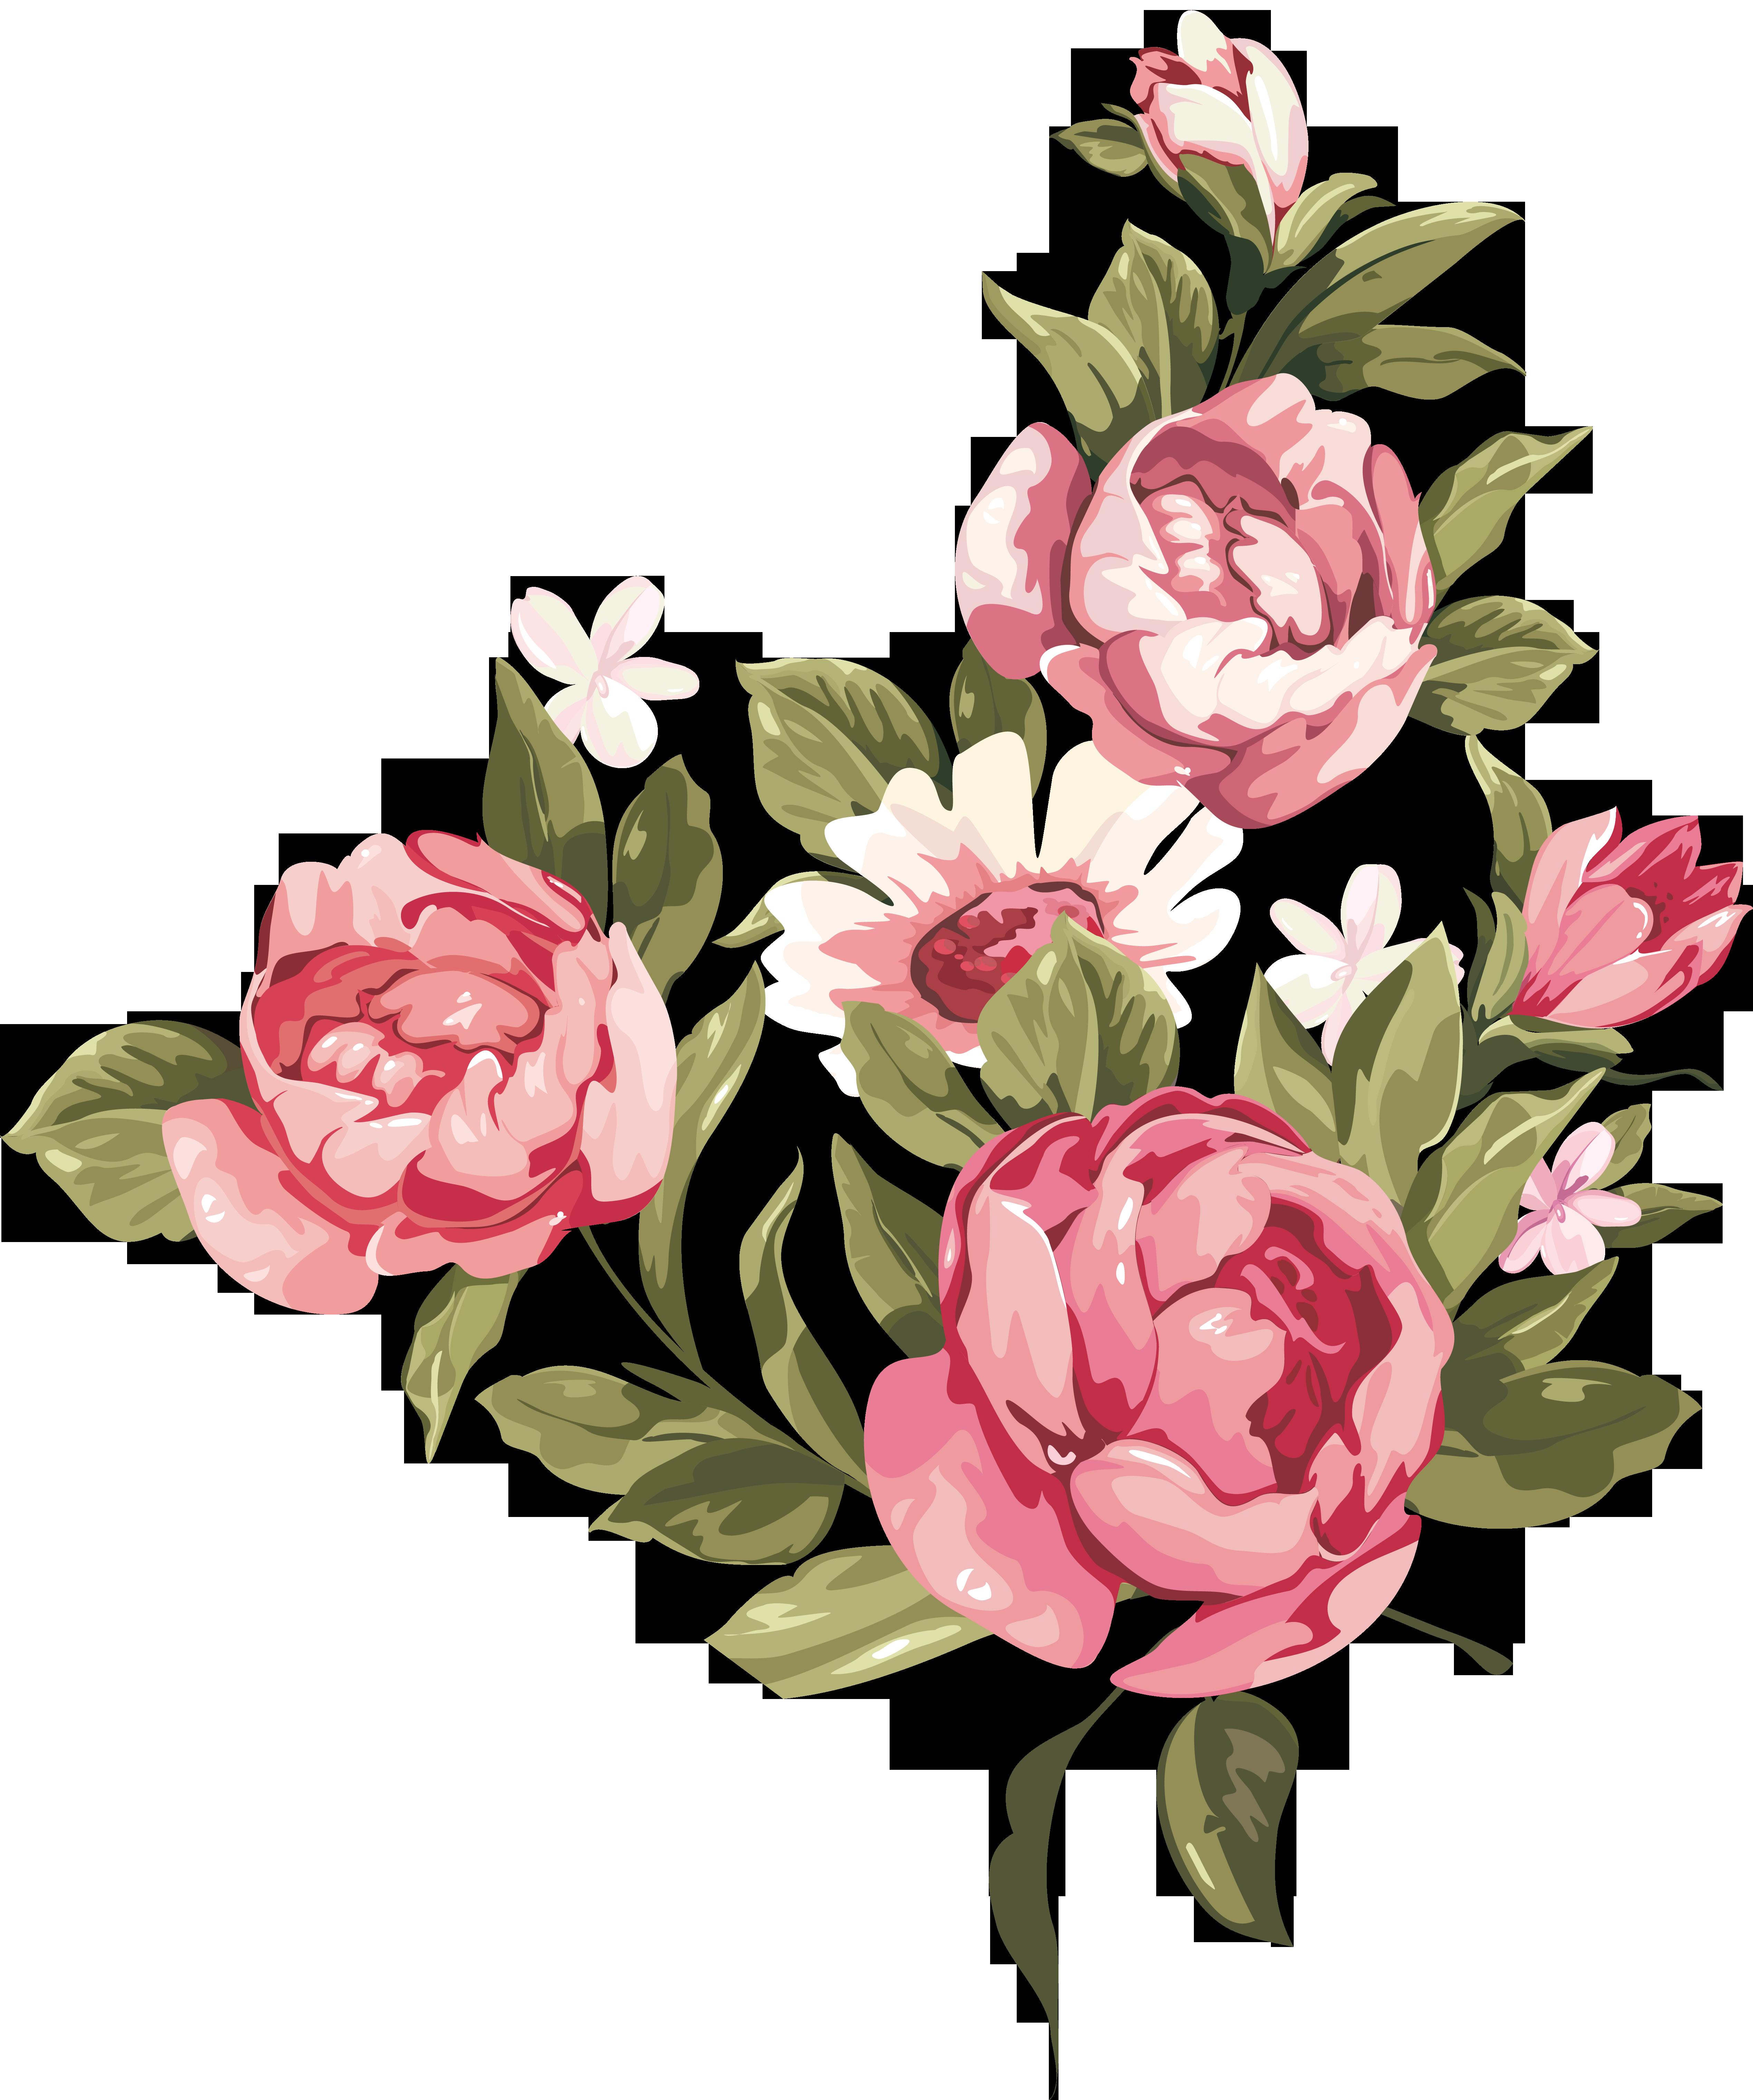 акварель opera rose 4 тыс изображений найдено в Яндекс